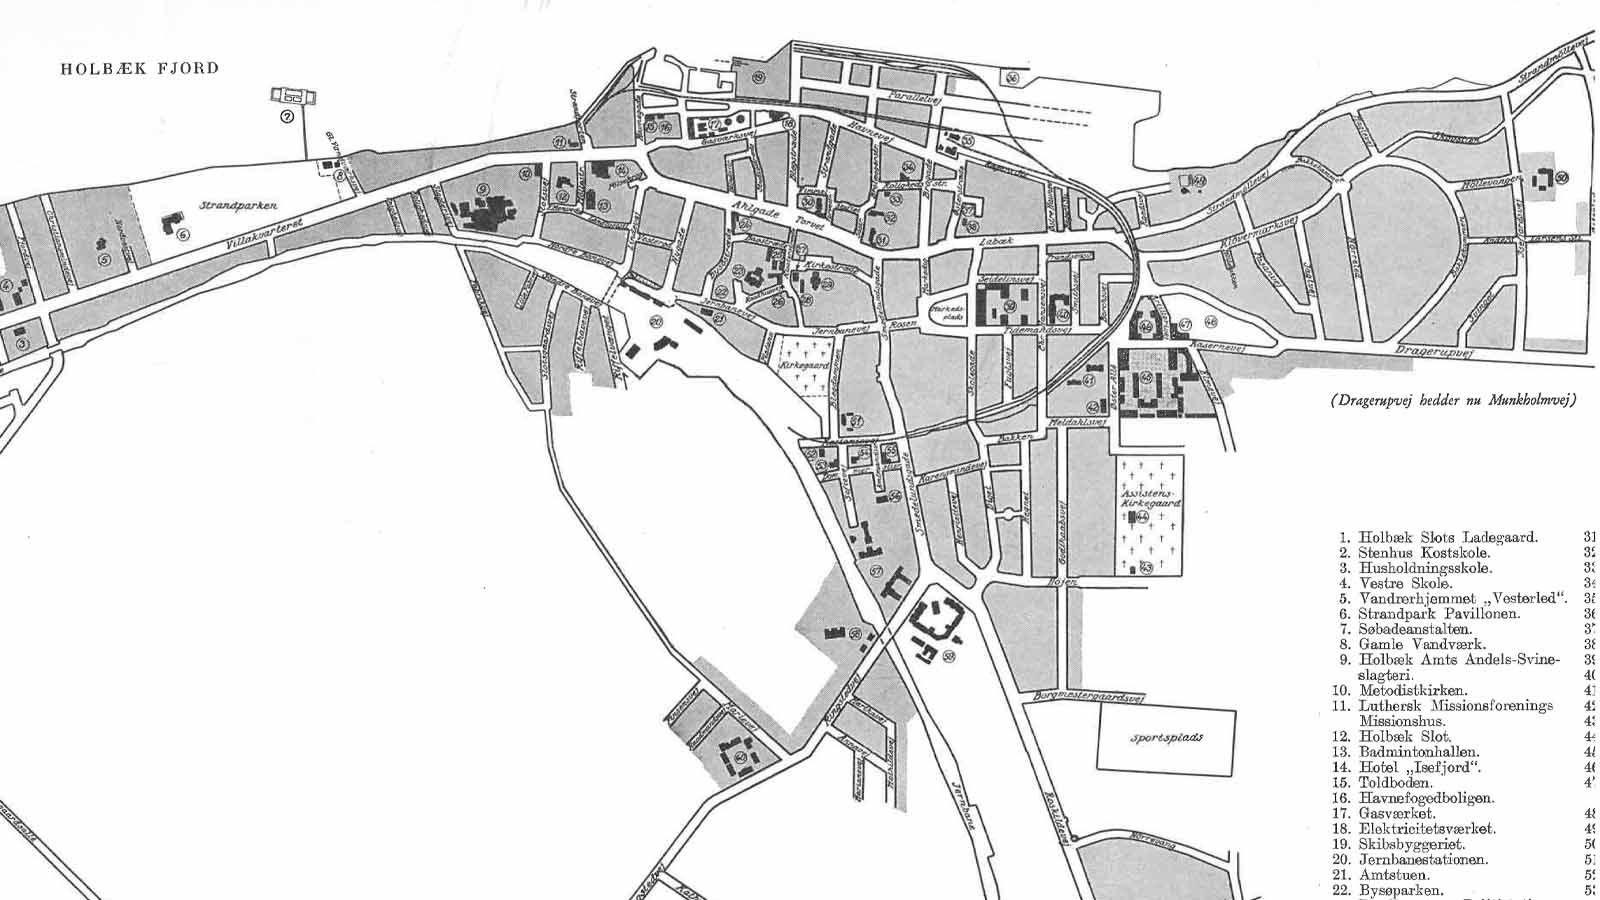 Udsnit af kort over Holbæk